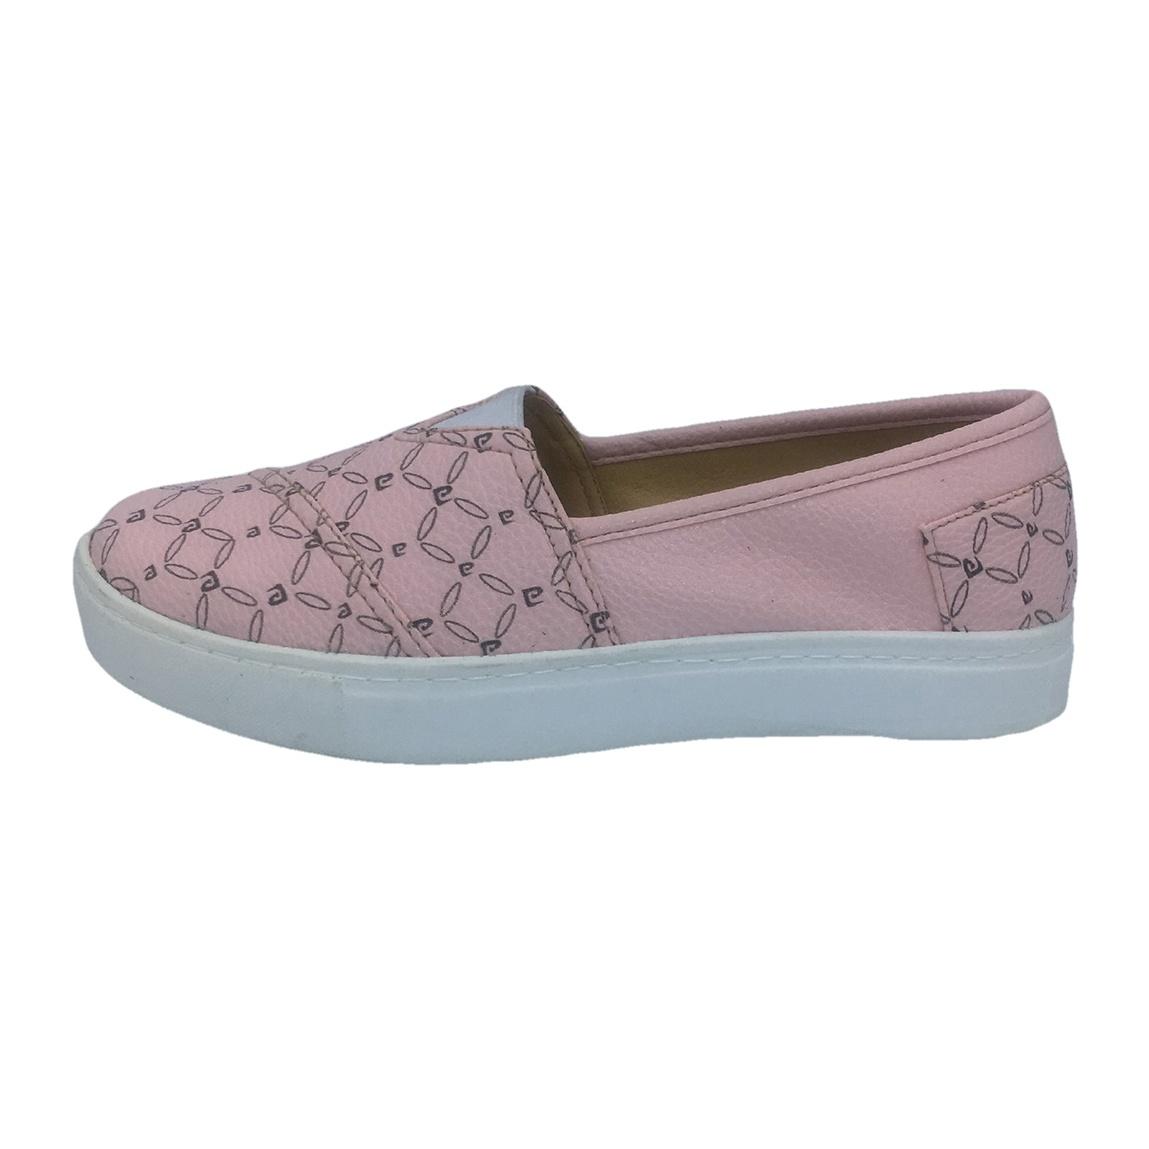 کفش راحتی زنانه پردیس کد 1015 رنگ صورتی